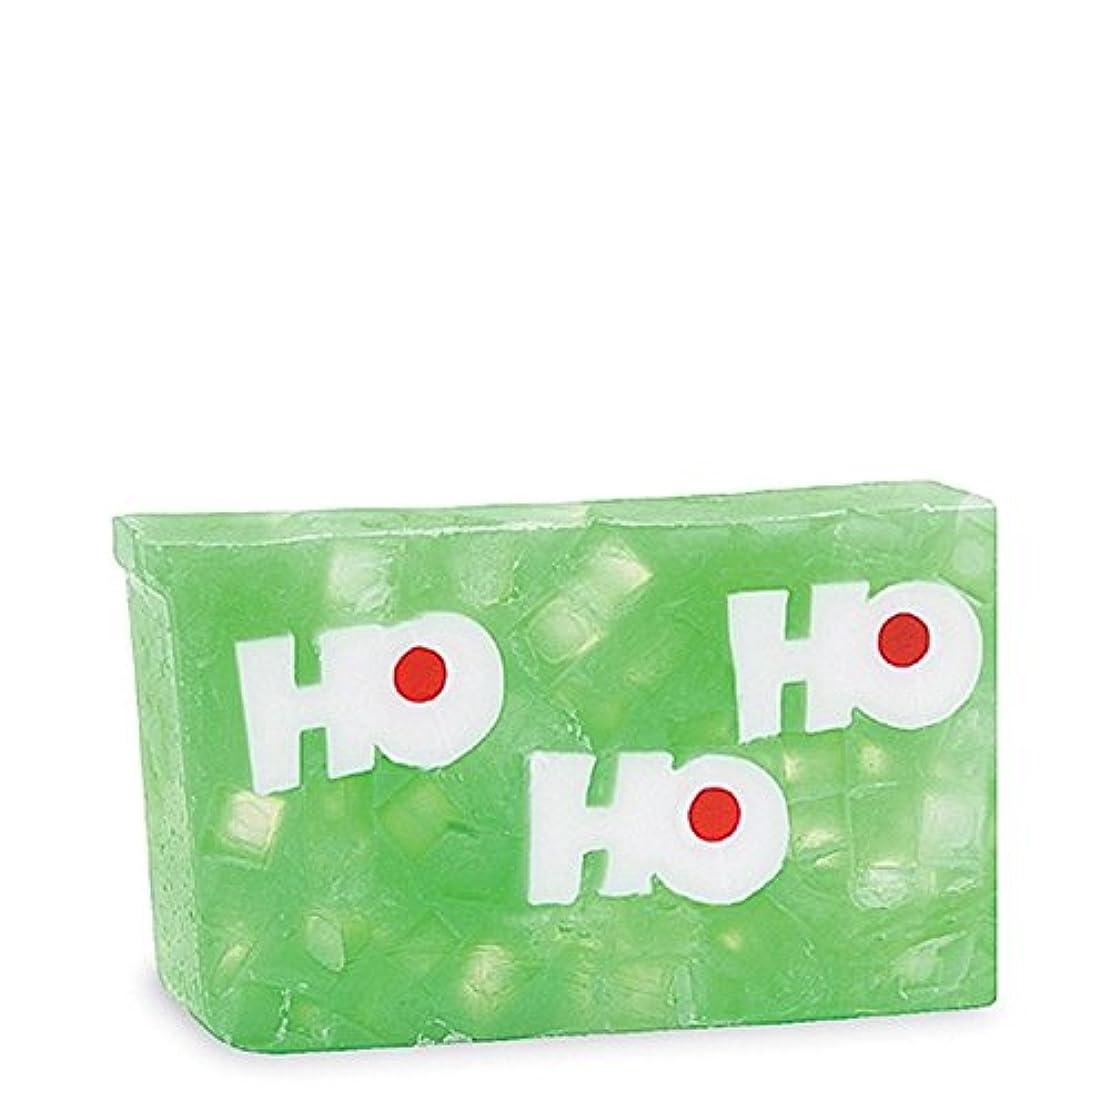 サリー操縦する傾いた原初の要素ホーホーホ石鹸 x4 - Primal Elements Ho Ho Ho Soap (Pack of 4) [並行輸入品]